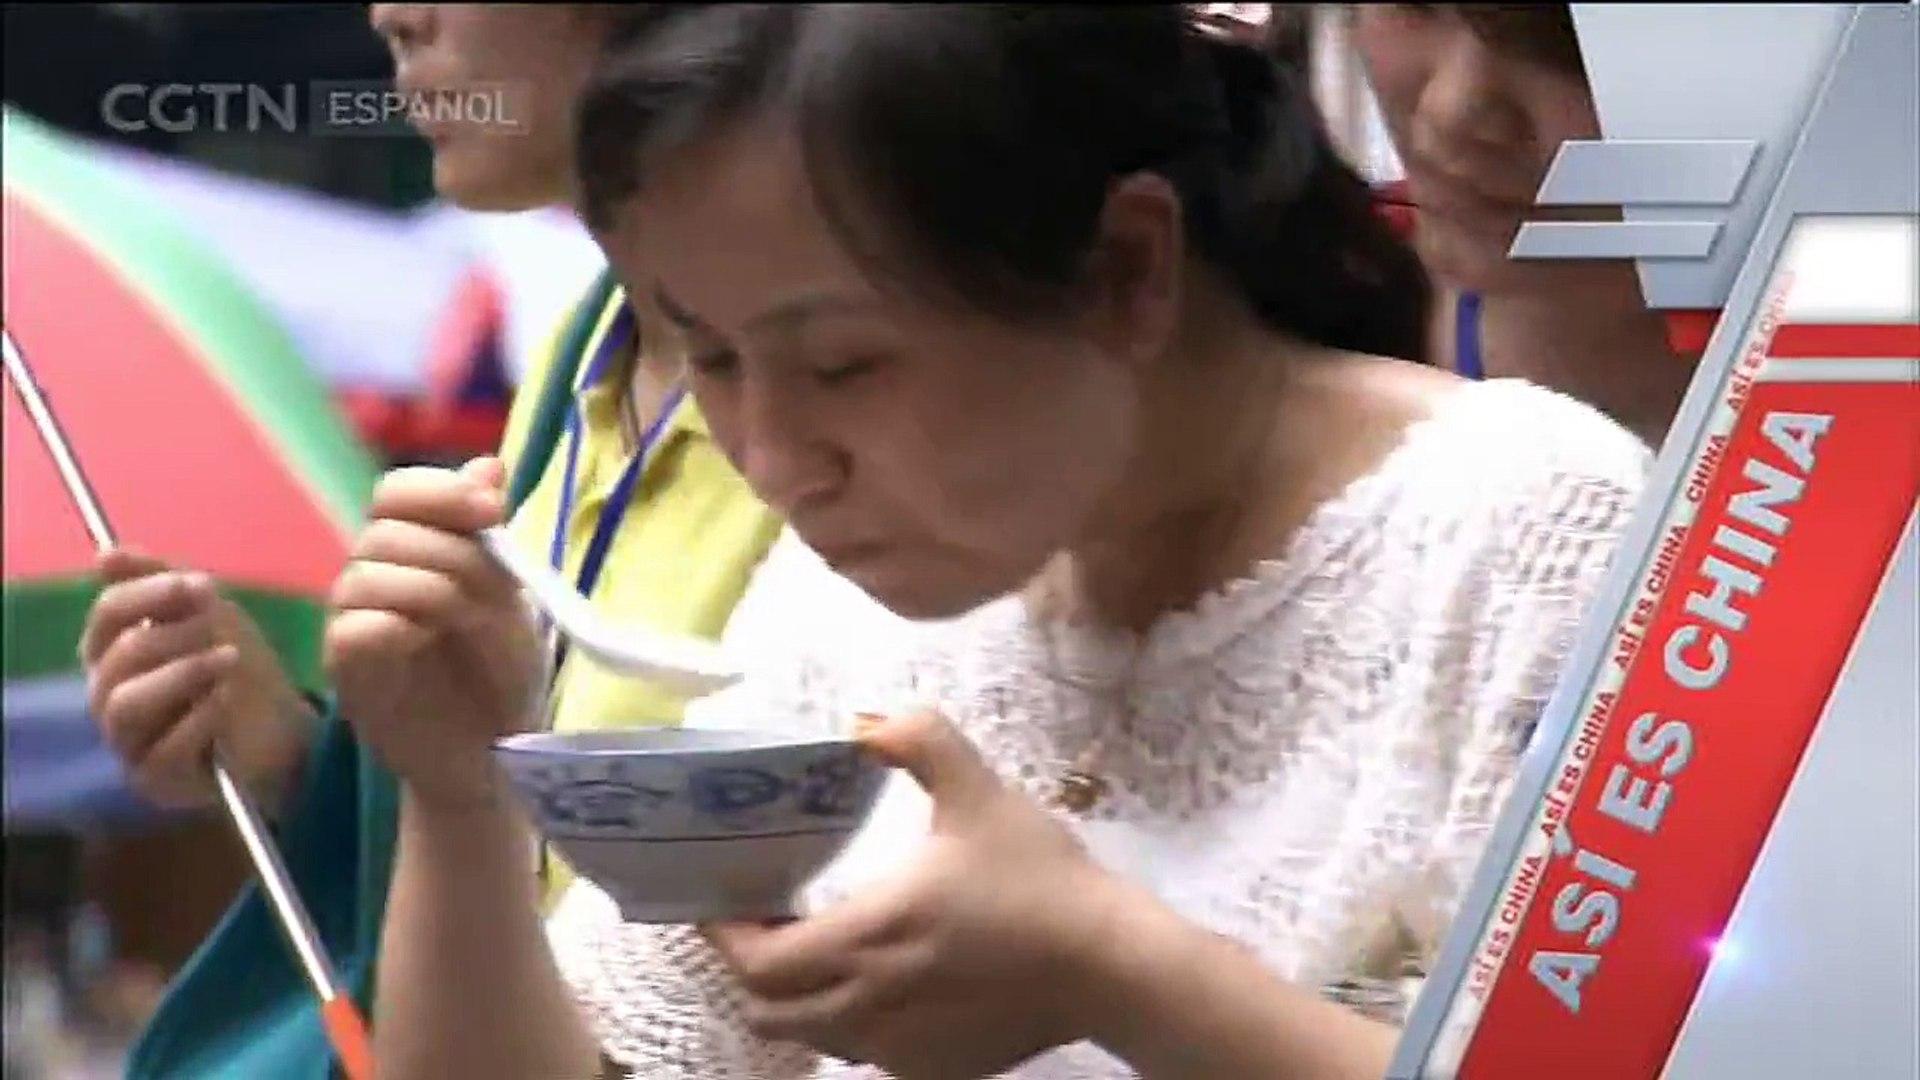 Furong-Notas de un cambio acelerado  ASÍ ES CHINA 19/03/2017